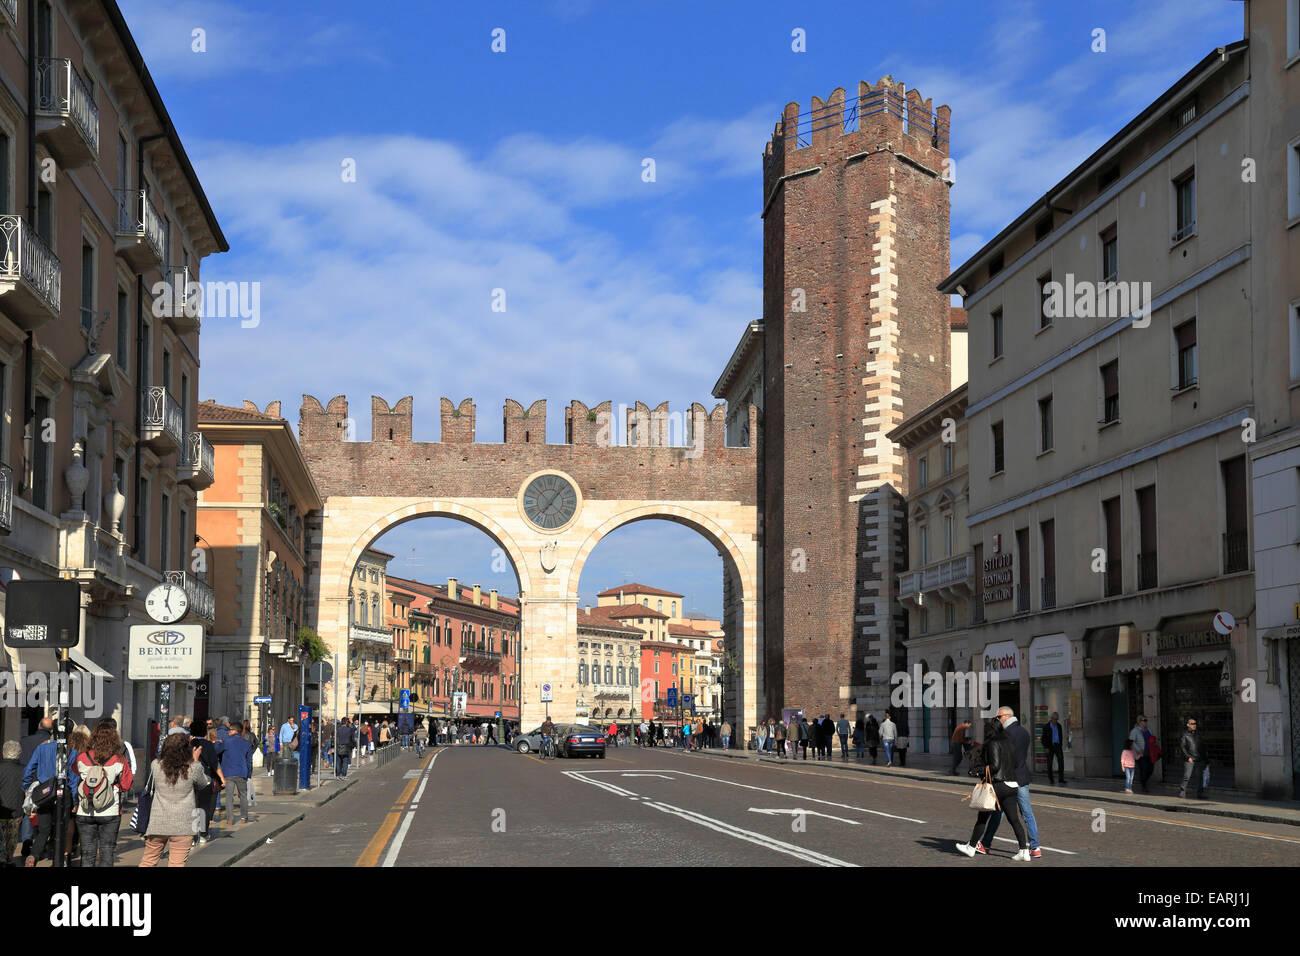 Portoni della Bra, city gateway, Verona, Italy, Veneto. - Stock Image